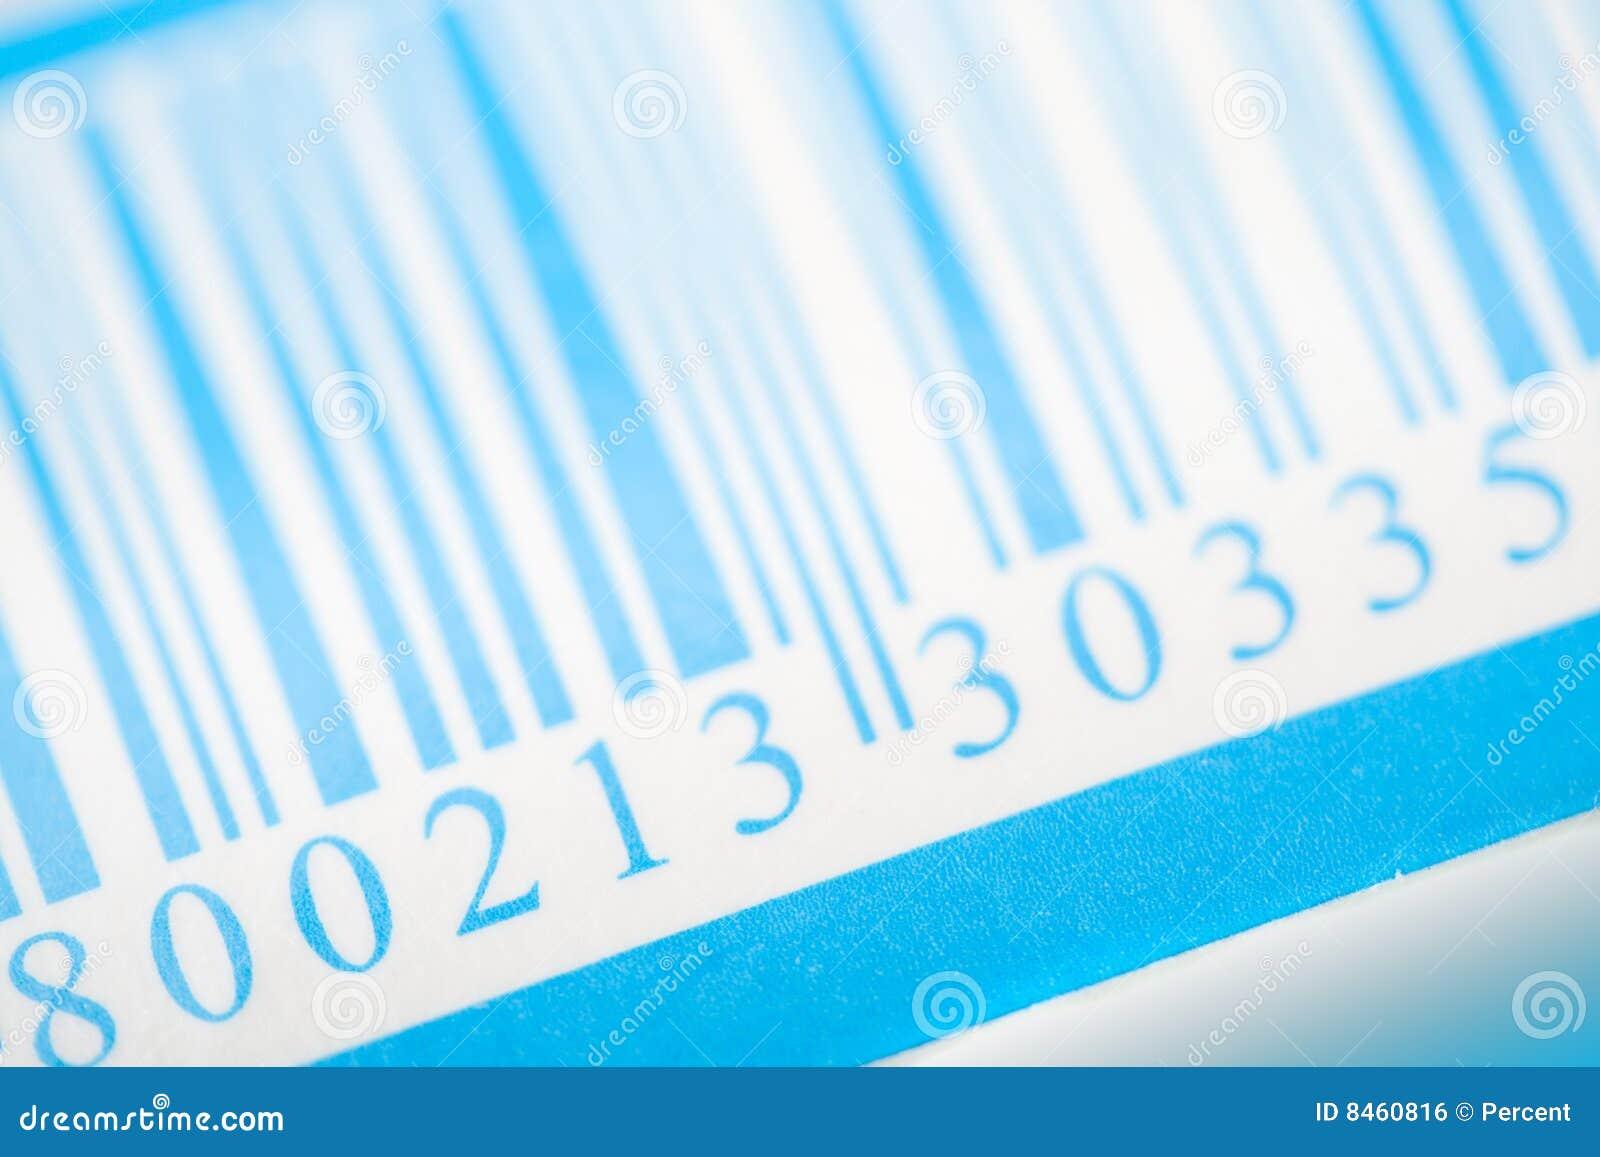 Barcodeblue